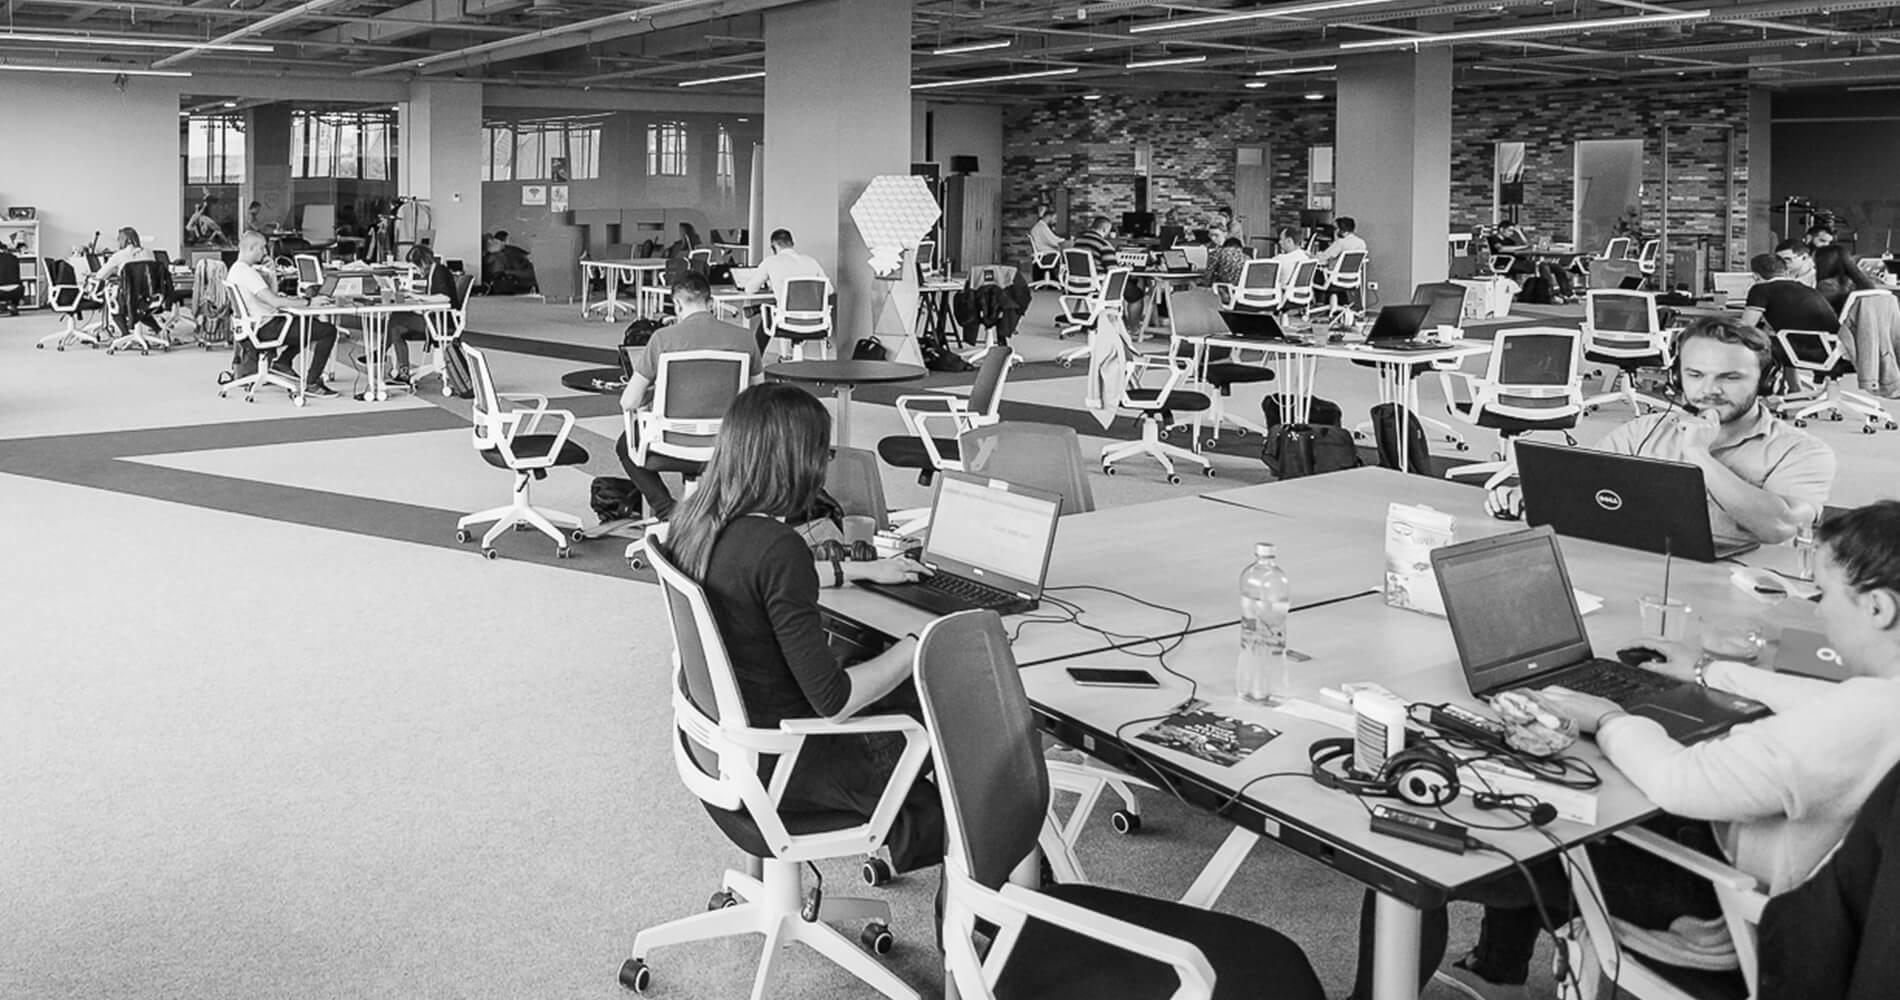 ClujHub Coworking space - Devino Membru